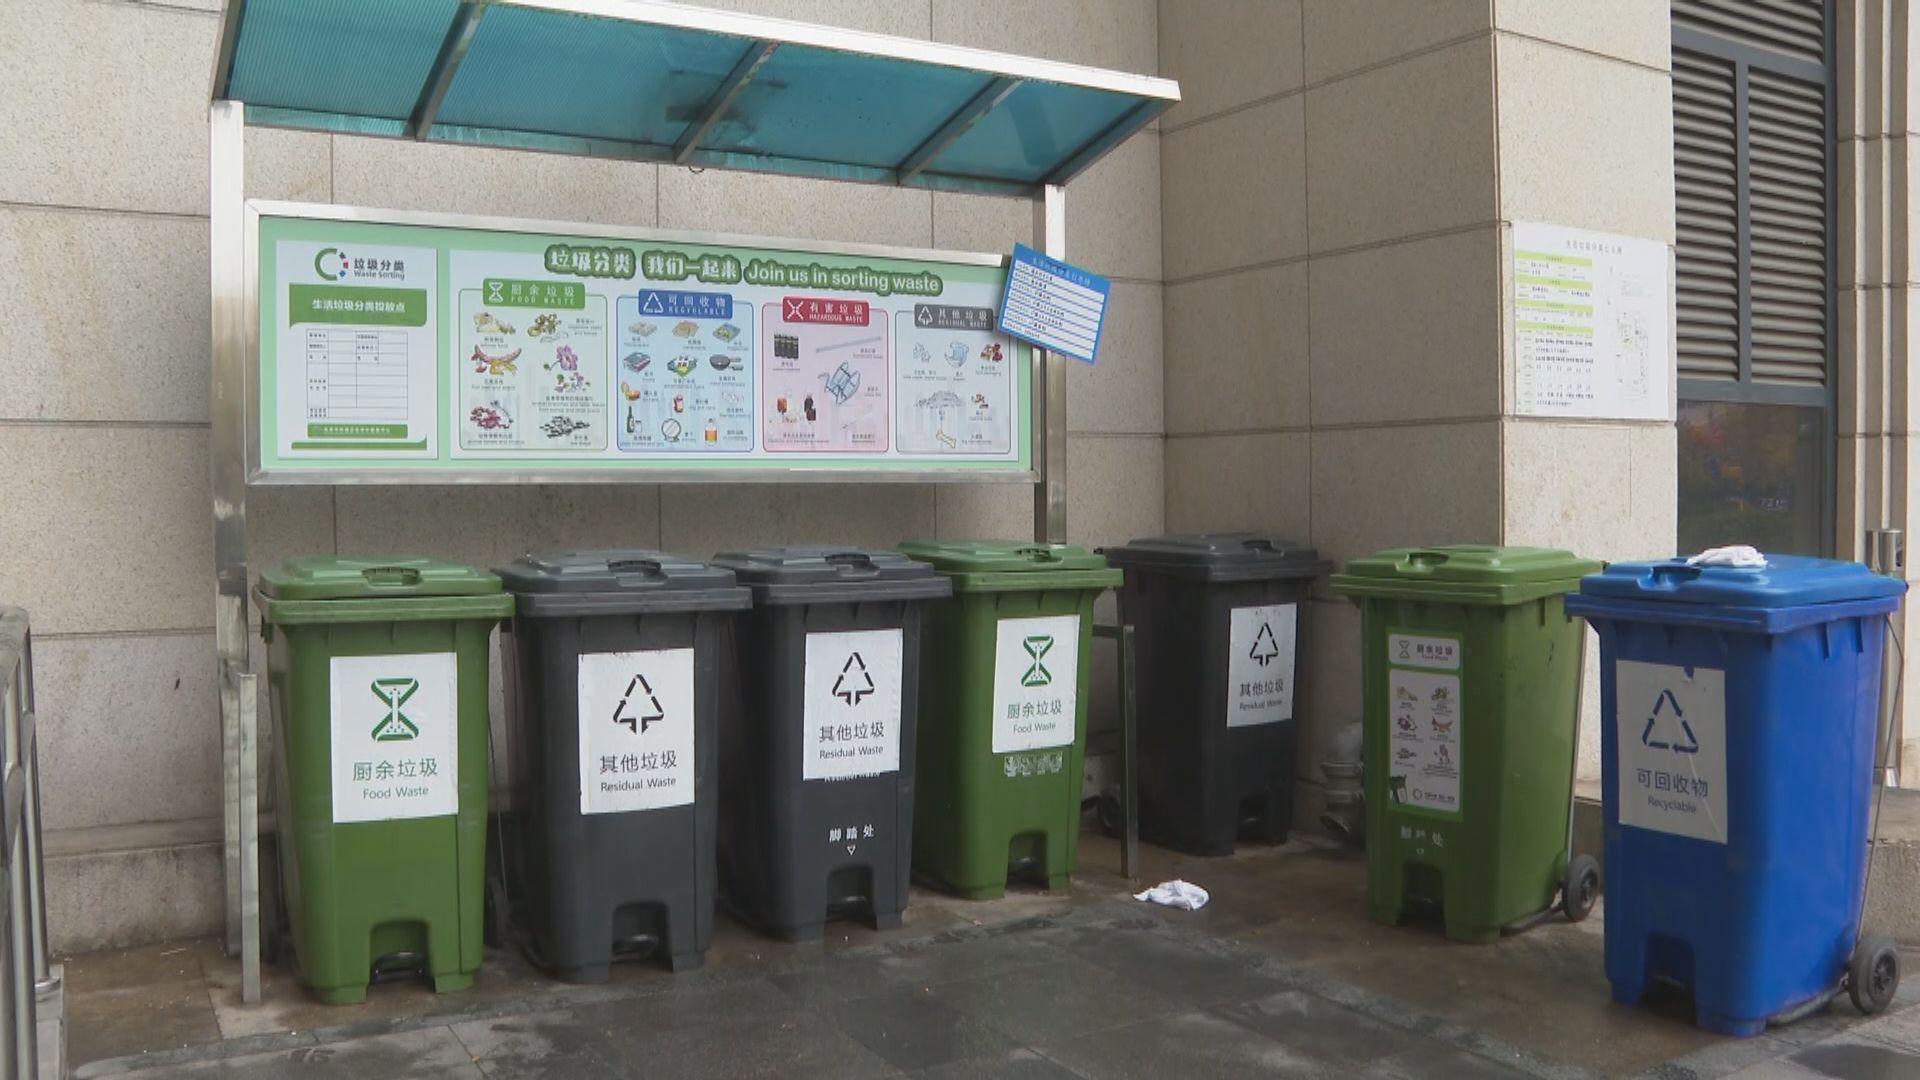 【首都專線】北京垃圾分類半年 回收廚餘仍待改善